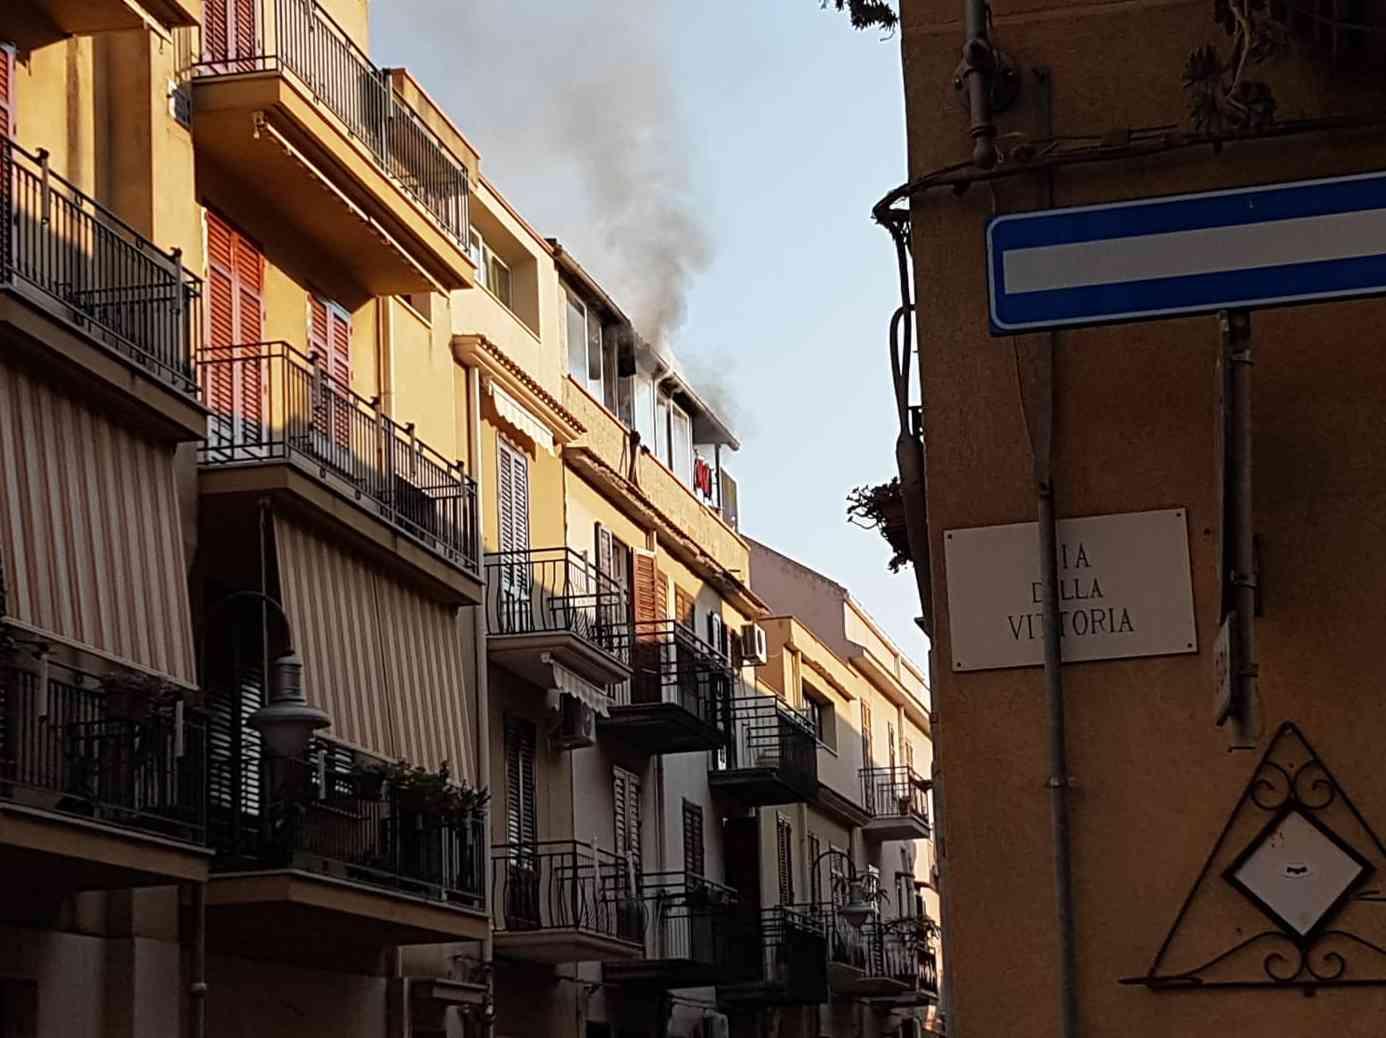 Immagine articolo: Menfi. Casa va a fuoco in via Cacioppo. L'intervento dei Vigili del Fuoco